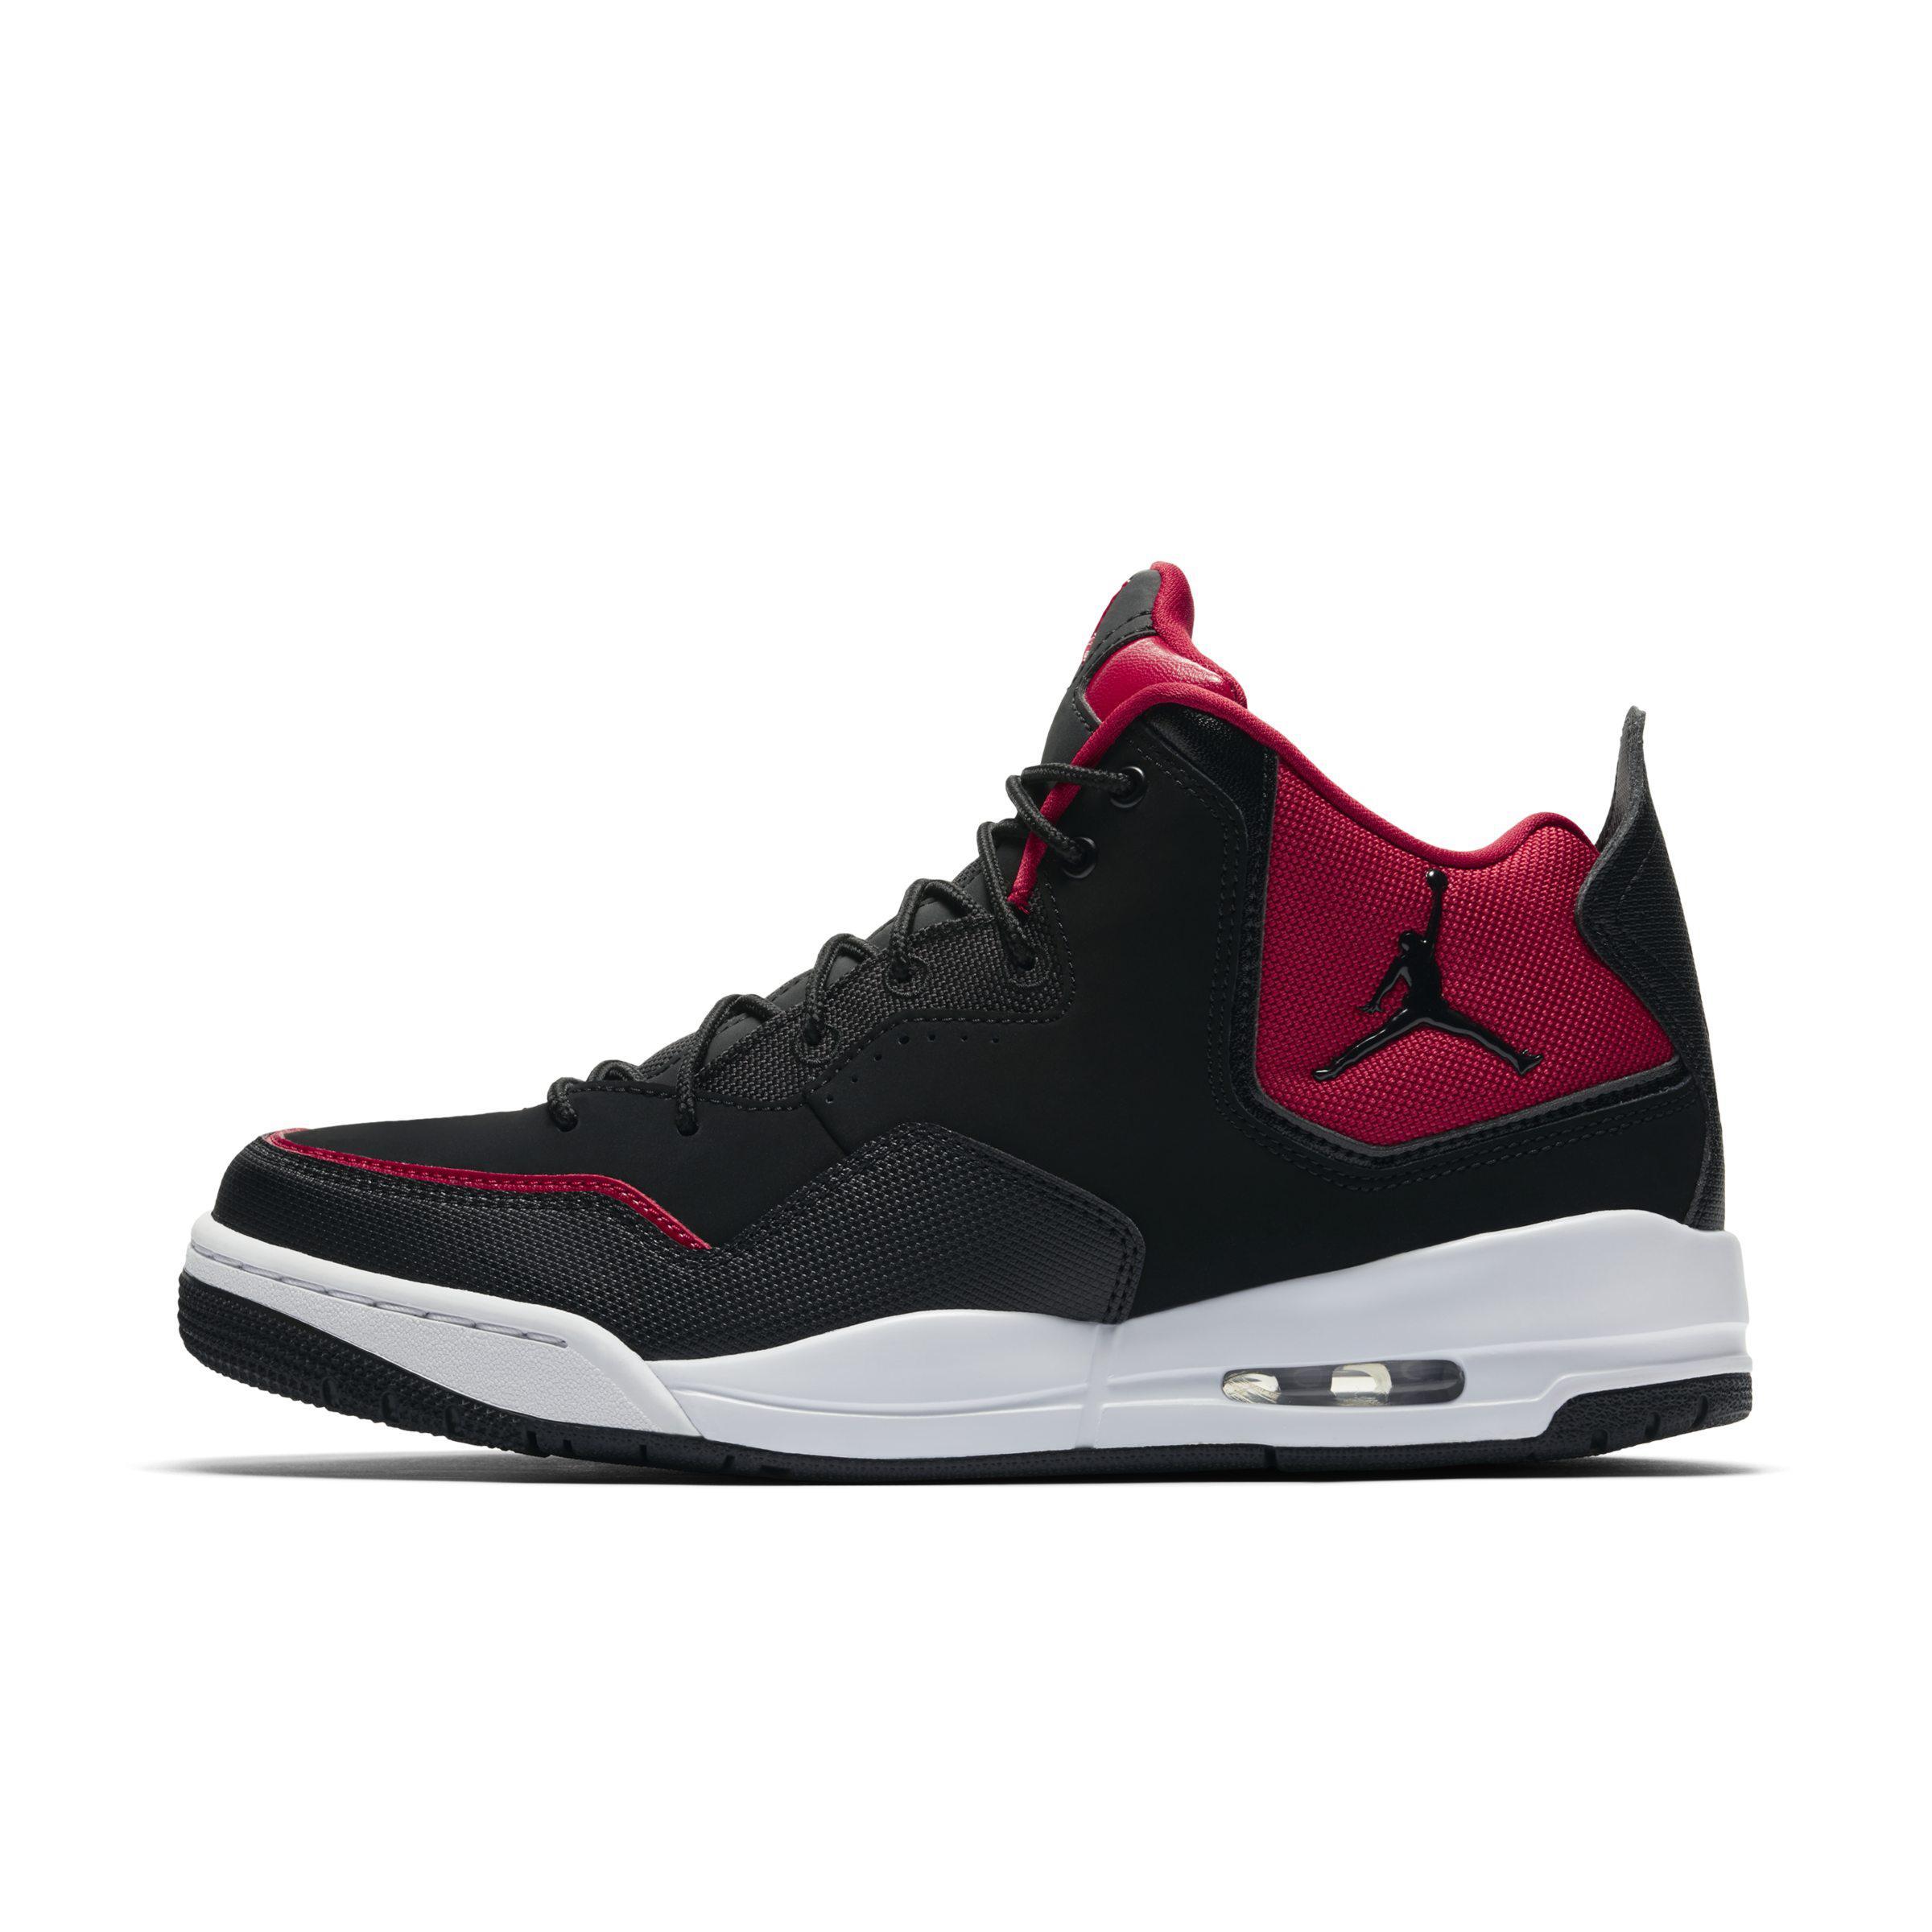 cd6614961d1 Nike Jordan Courtside 23 Shoe in Black for Men - Lyst